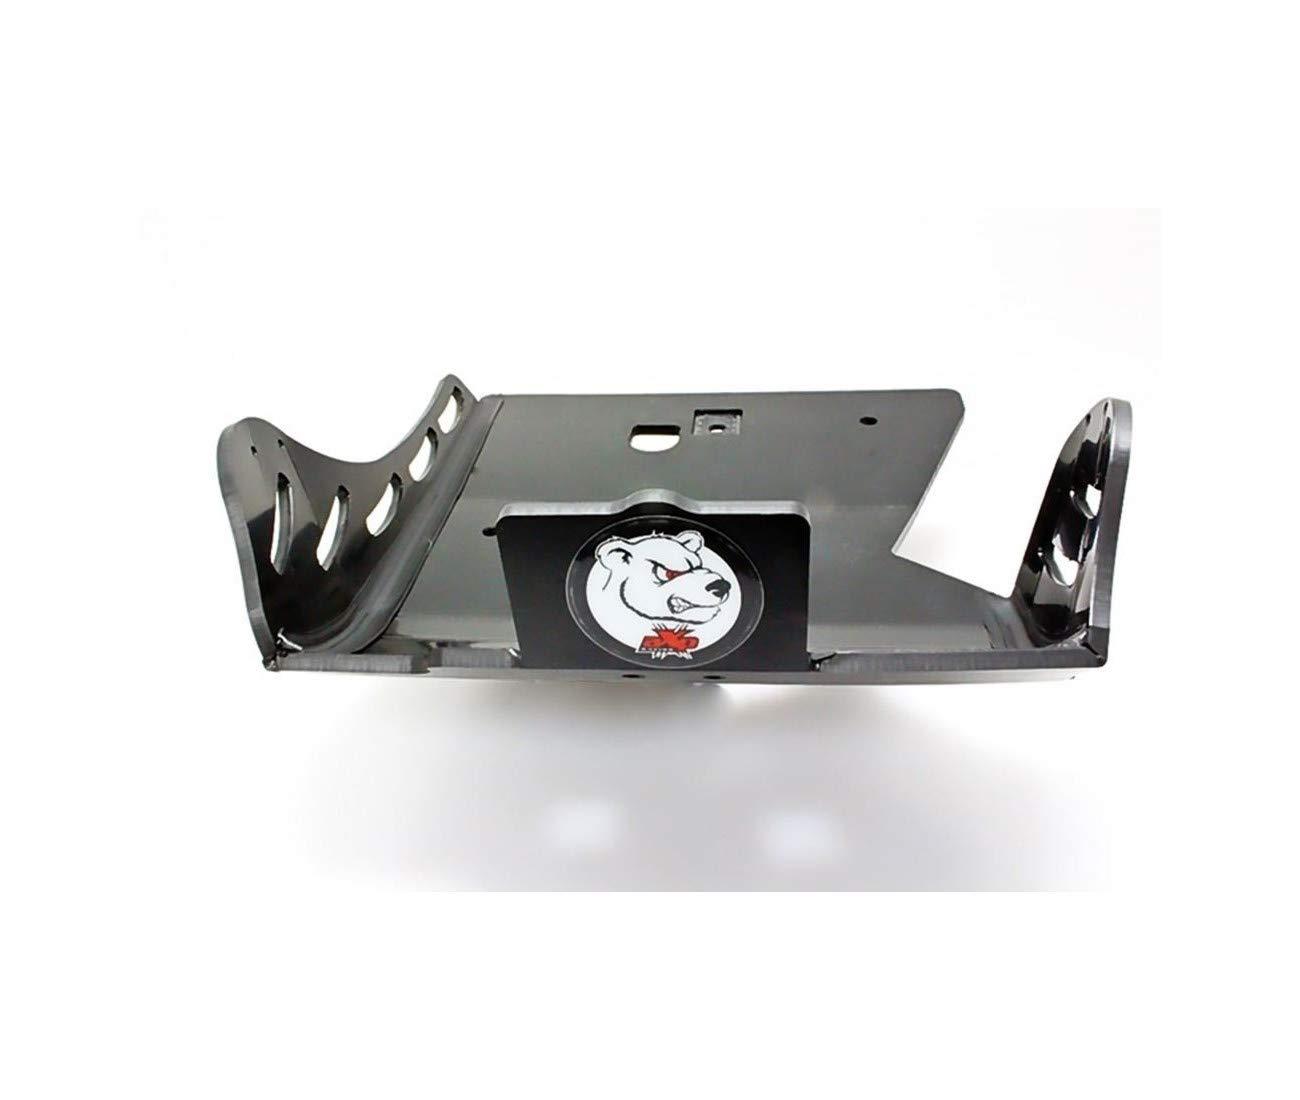 /200//& /450/11/fsr250/11/ /250/ /200/ /13/Kit de pl/ástico gasgas mc-ec125/ RFX fxpk 60800/55/wh gasgas mc-ec125/ /300/